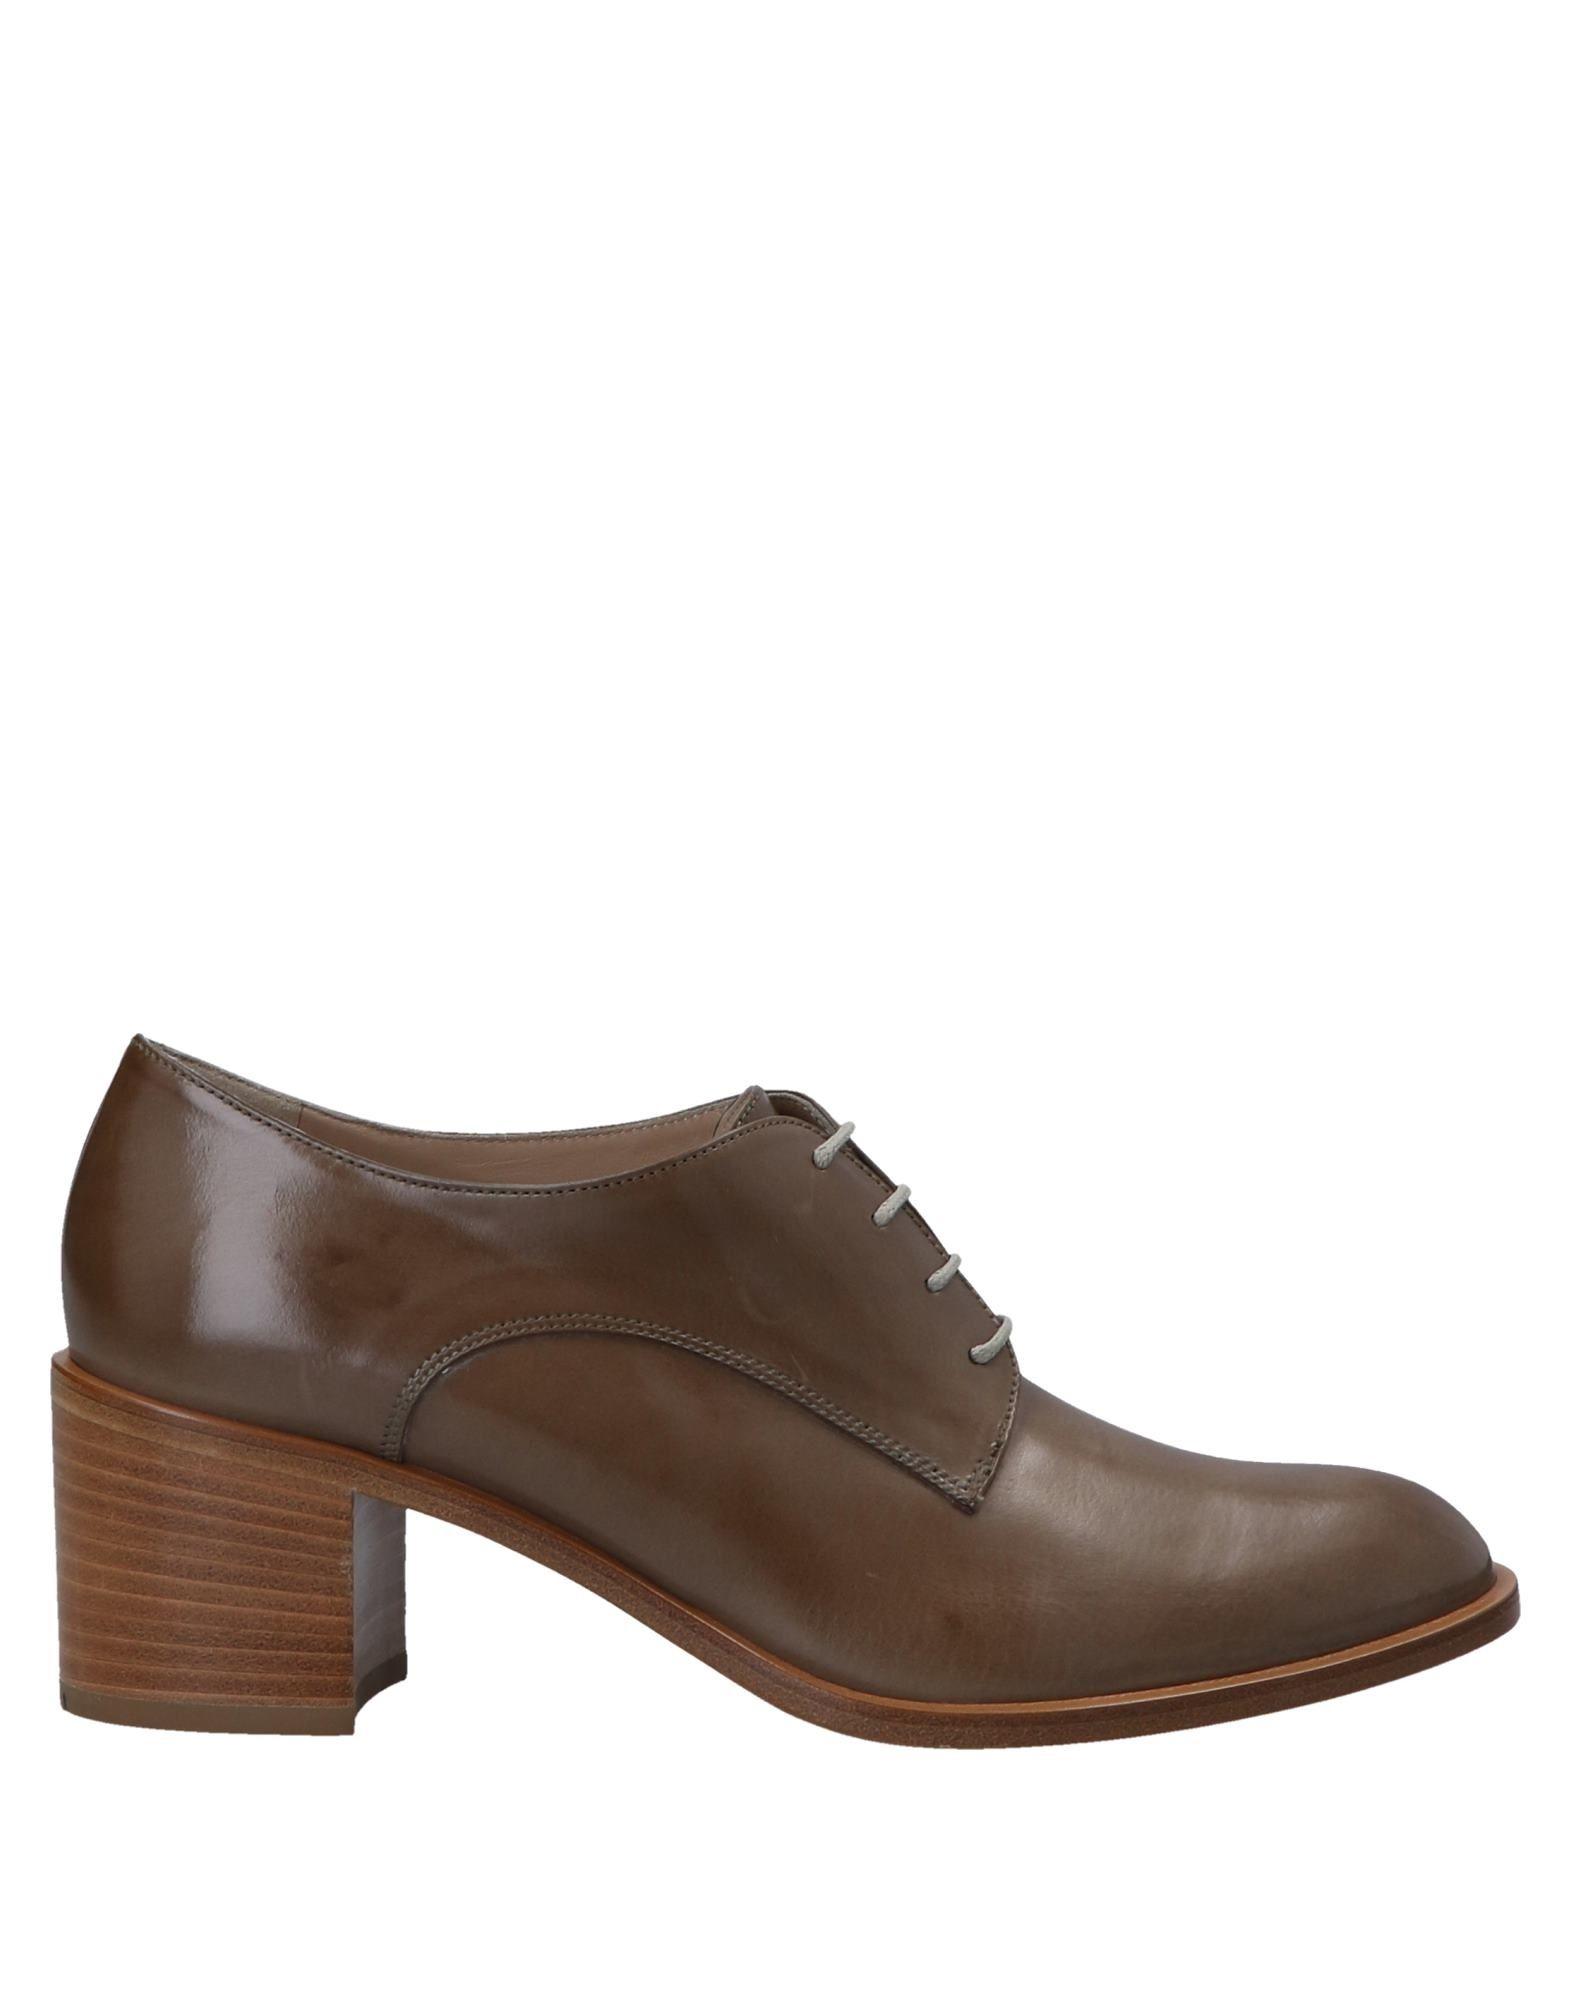 Rabatt Schuhe Fratelli Rossetti  Schnürschuhe Damen  Rossetti 11550089KI 1a02e5